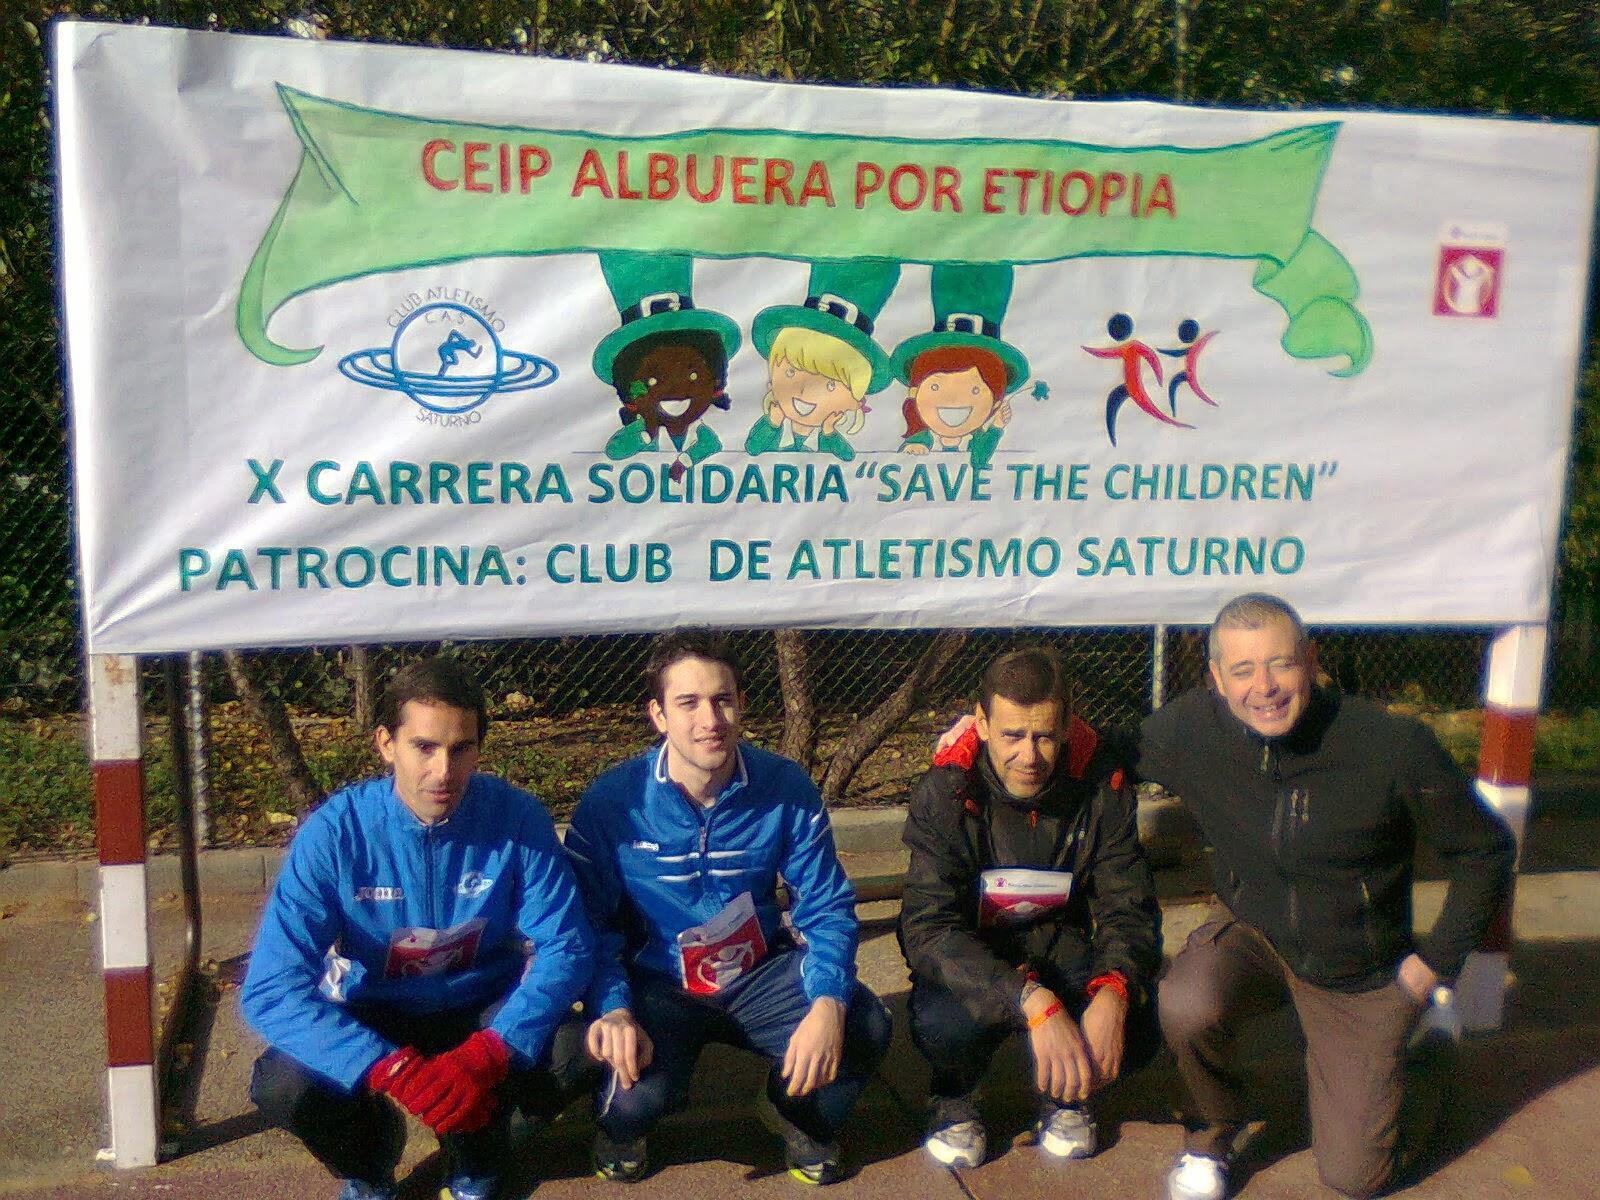 Carrera Solidaria Colegio Albuera